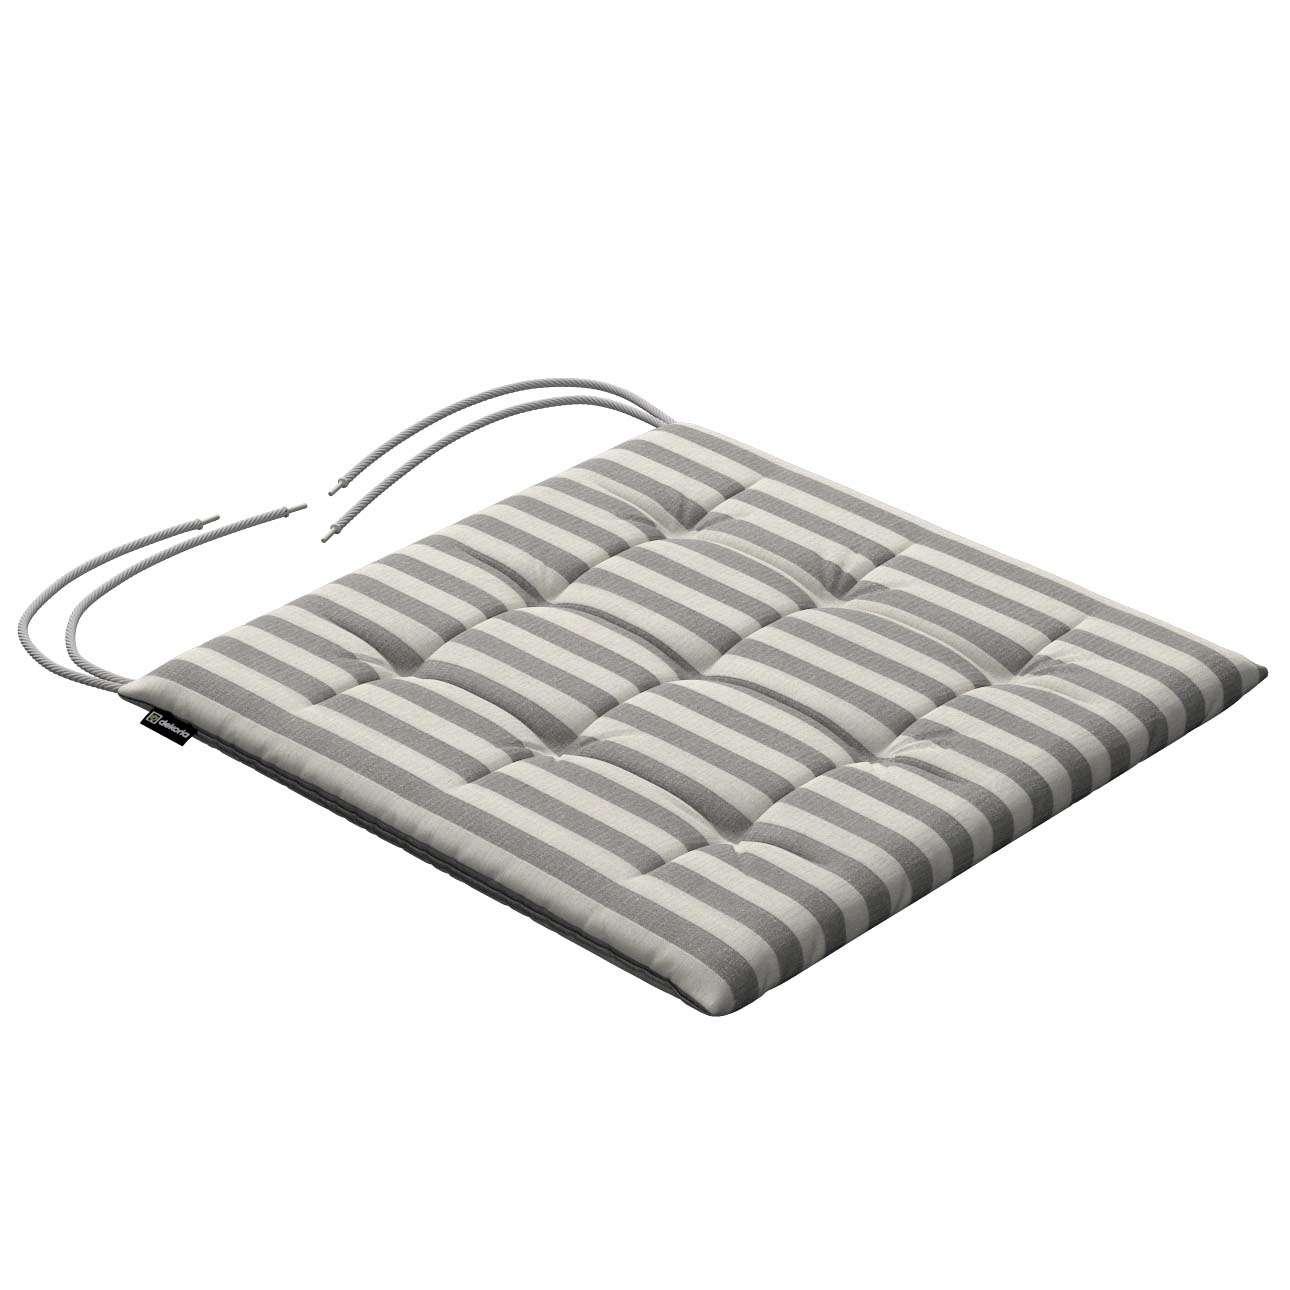 Kėdės pagalvėlė Karol  40 x 40 x 3,5 cm kolekcijoje Quadro, audinys: 136-12